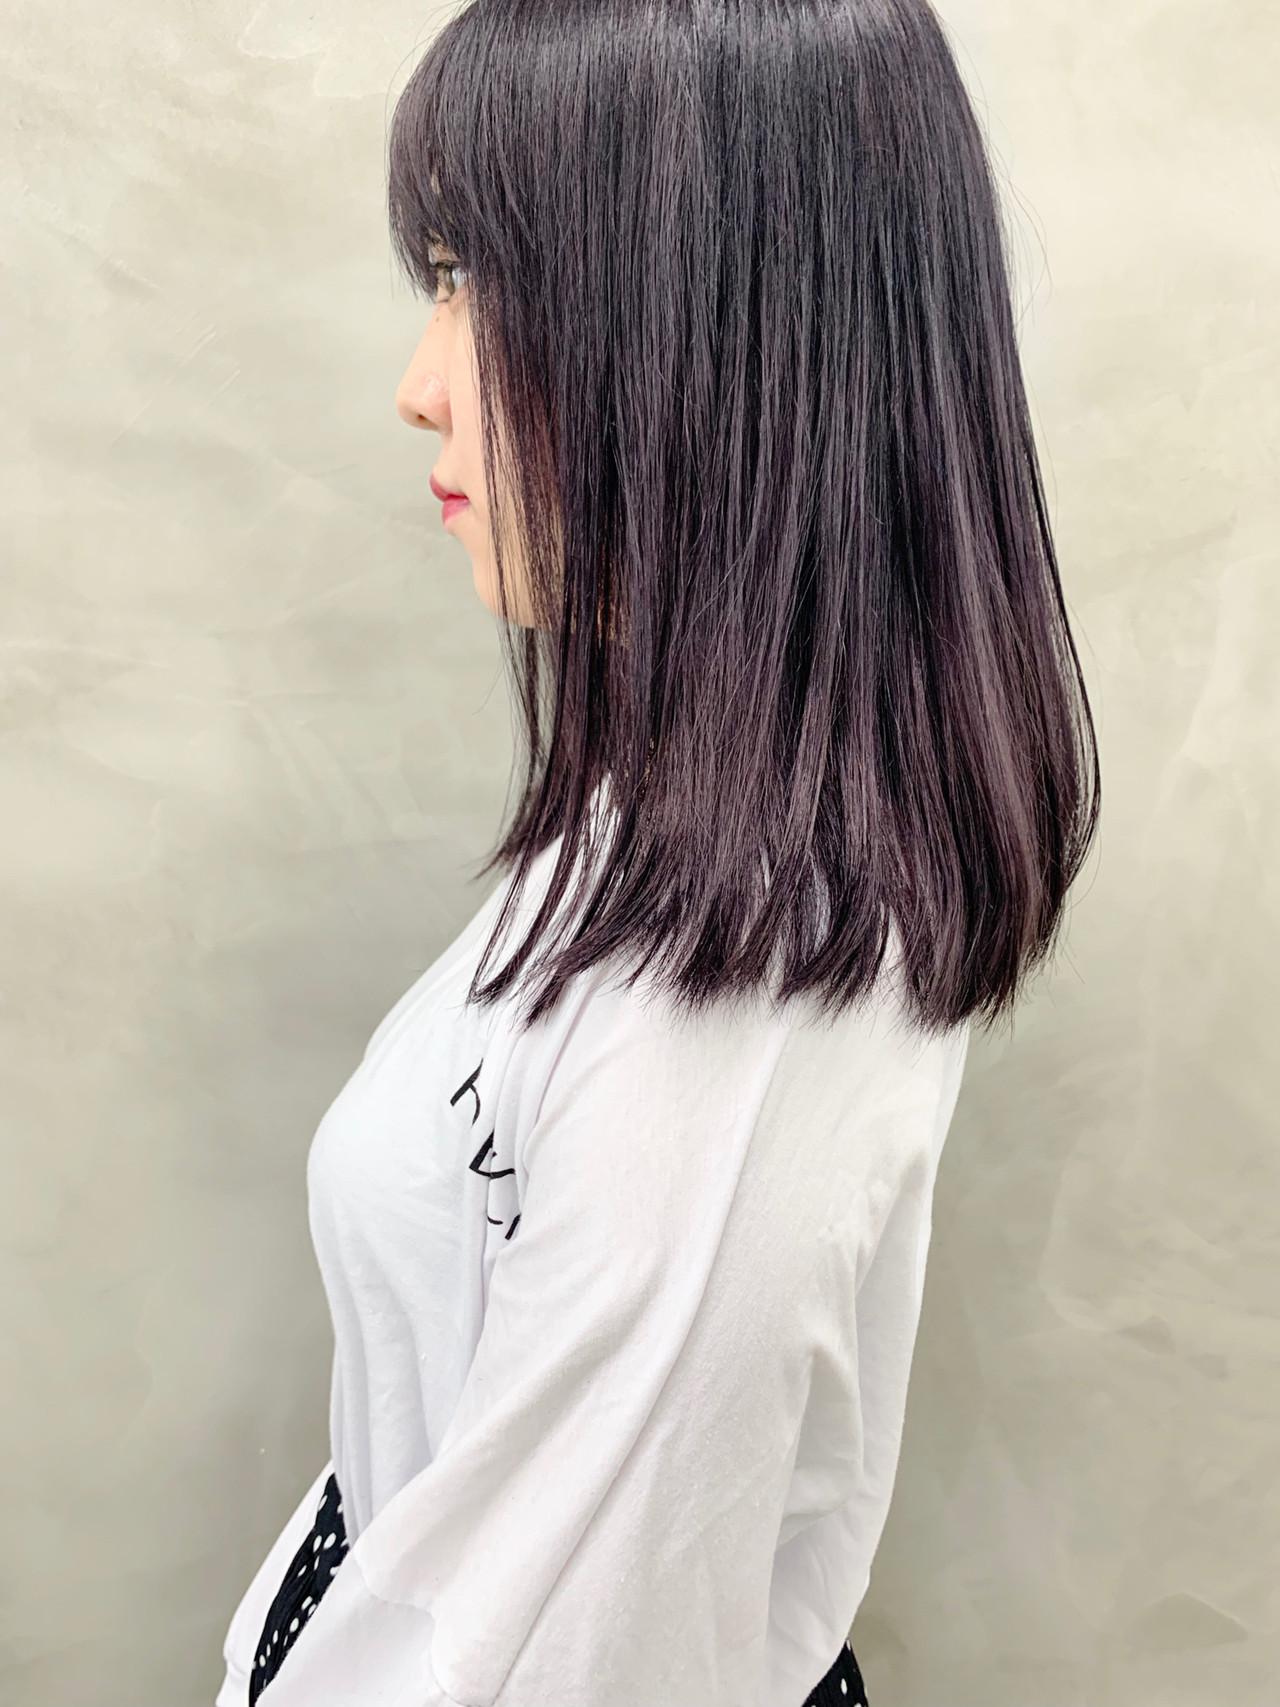 ミディアム ラベンダーカラー ブリーチ ラベンダーグレージュ ヘアスタイルや髪型の写真・画像